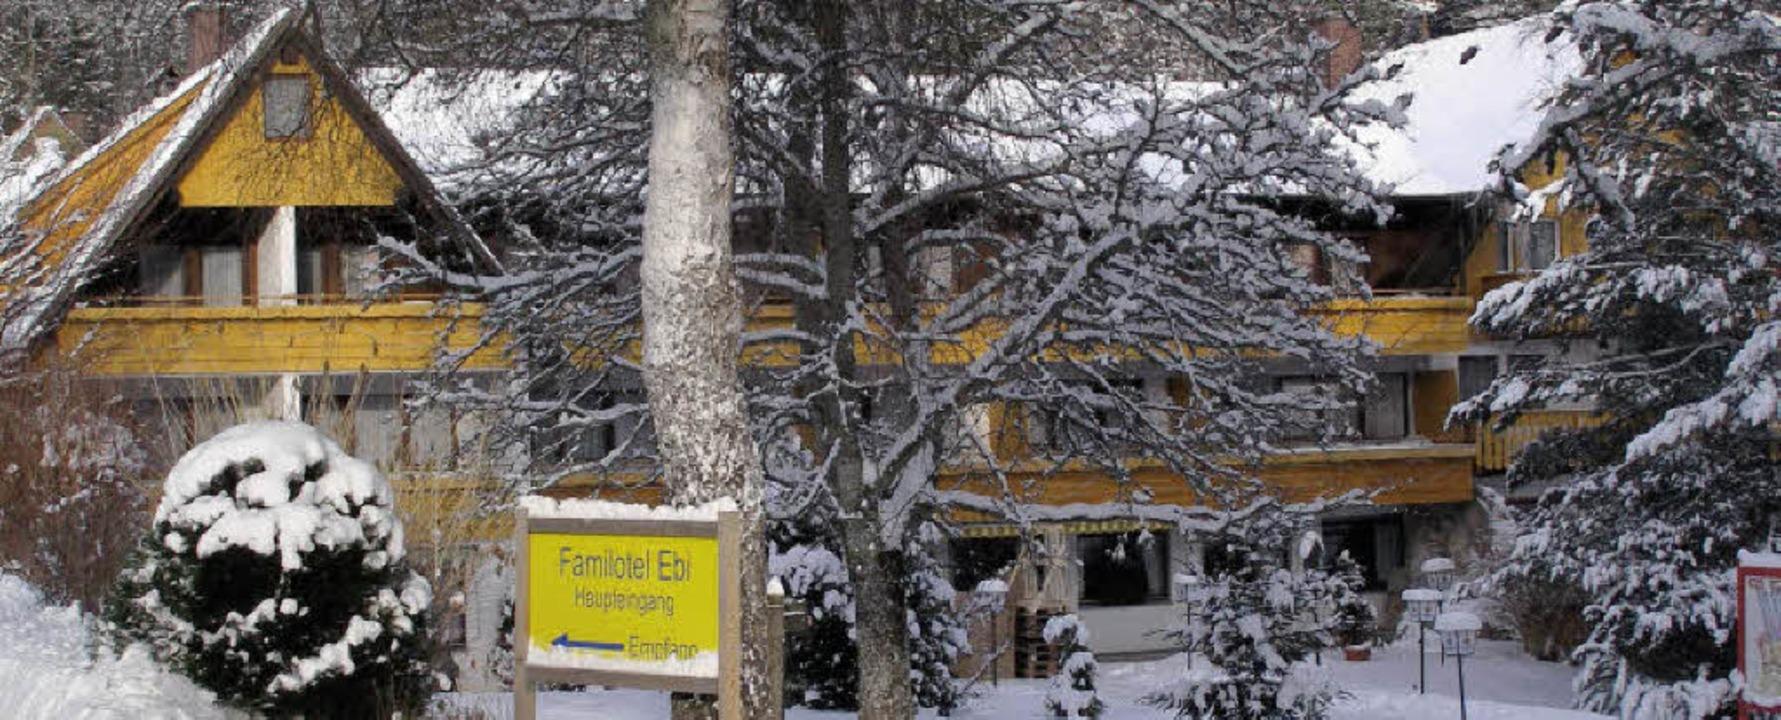 Idyllisch zeigt sich das weiß verschneite  Familienhotel Ebi in Friedenweiler.     Foto: Liane Schilling